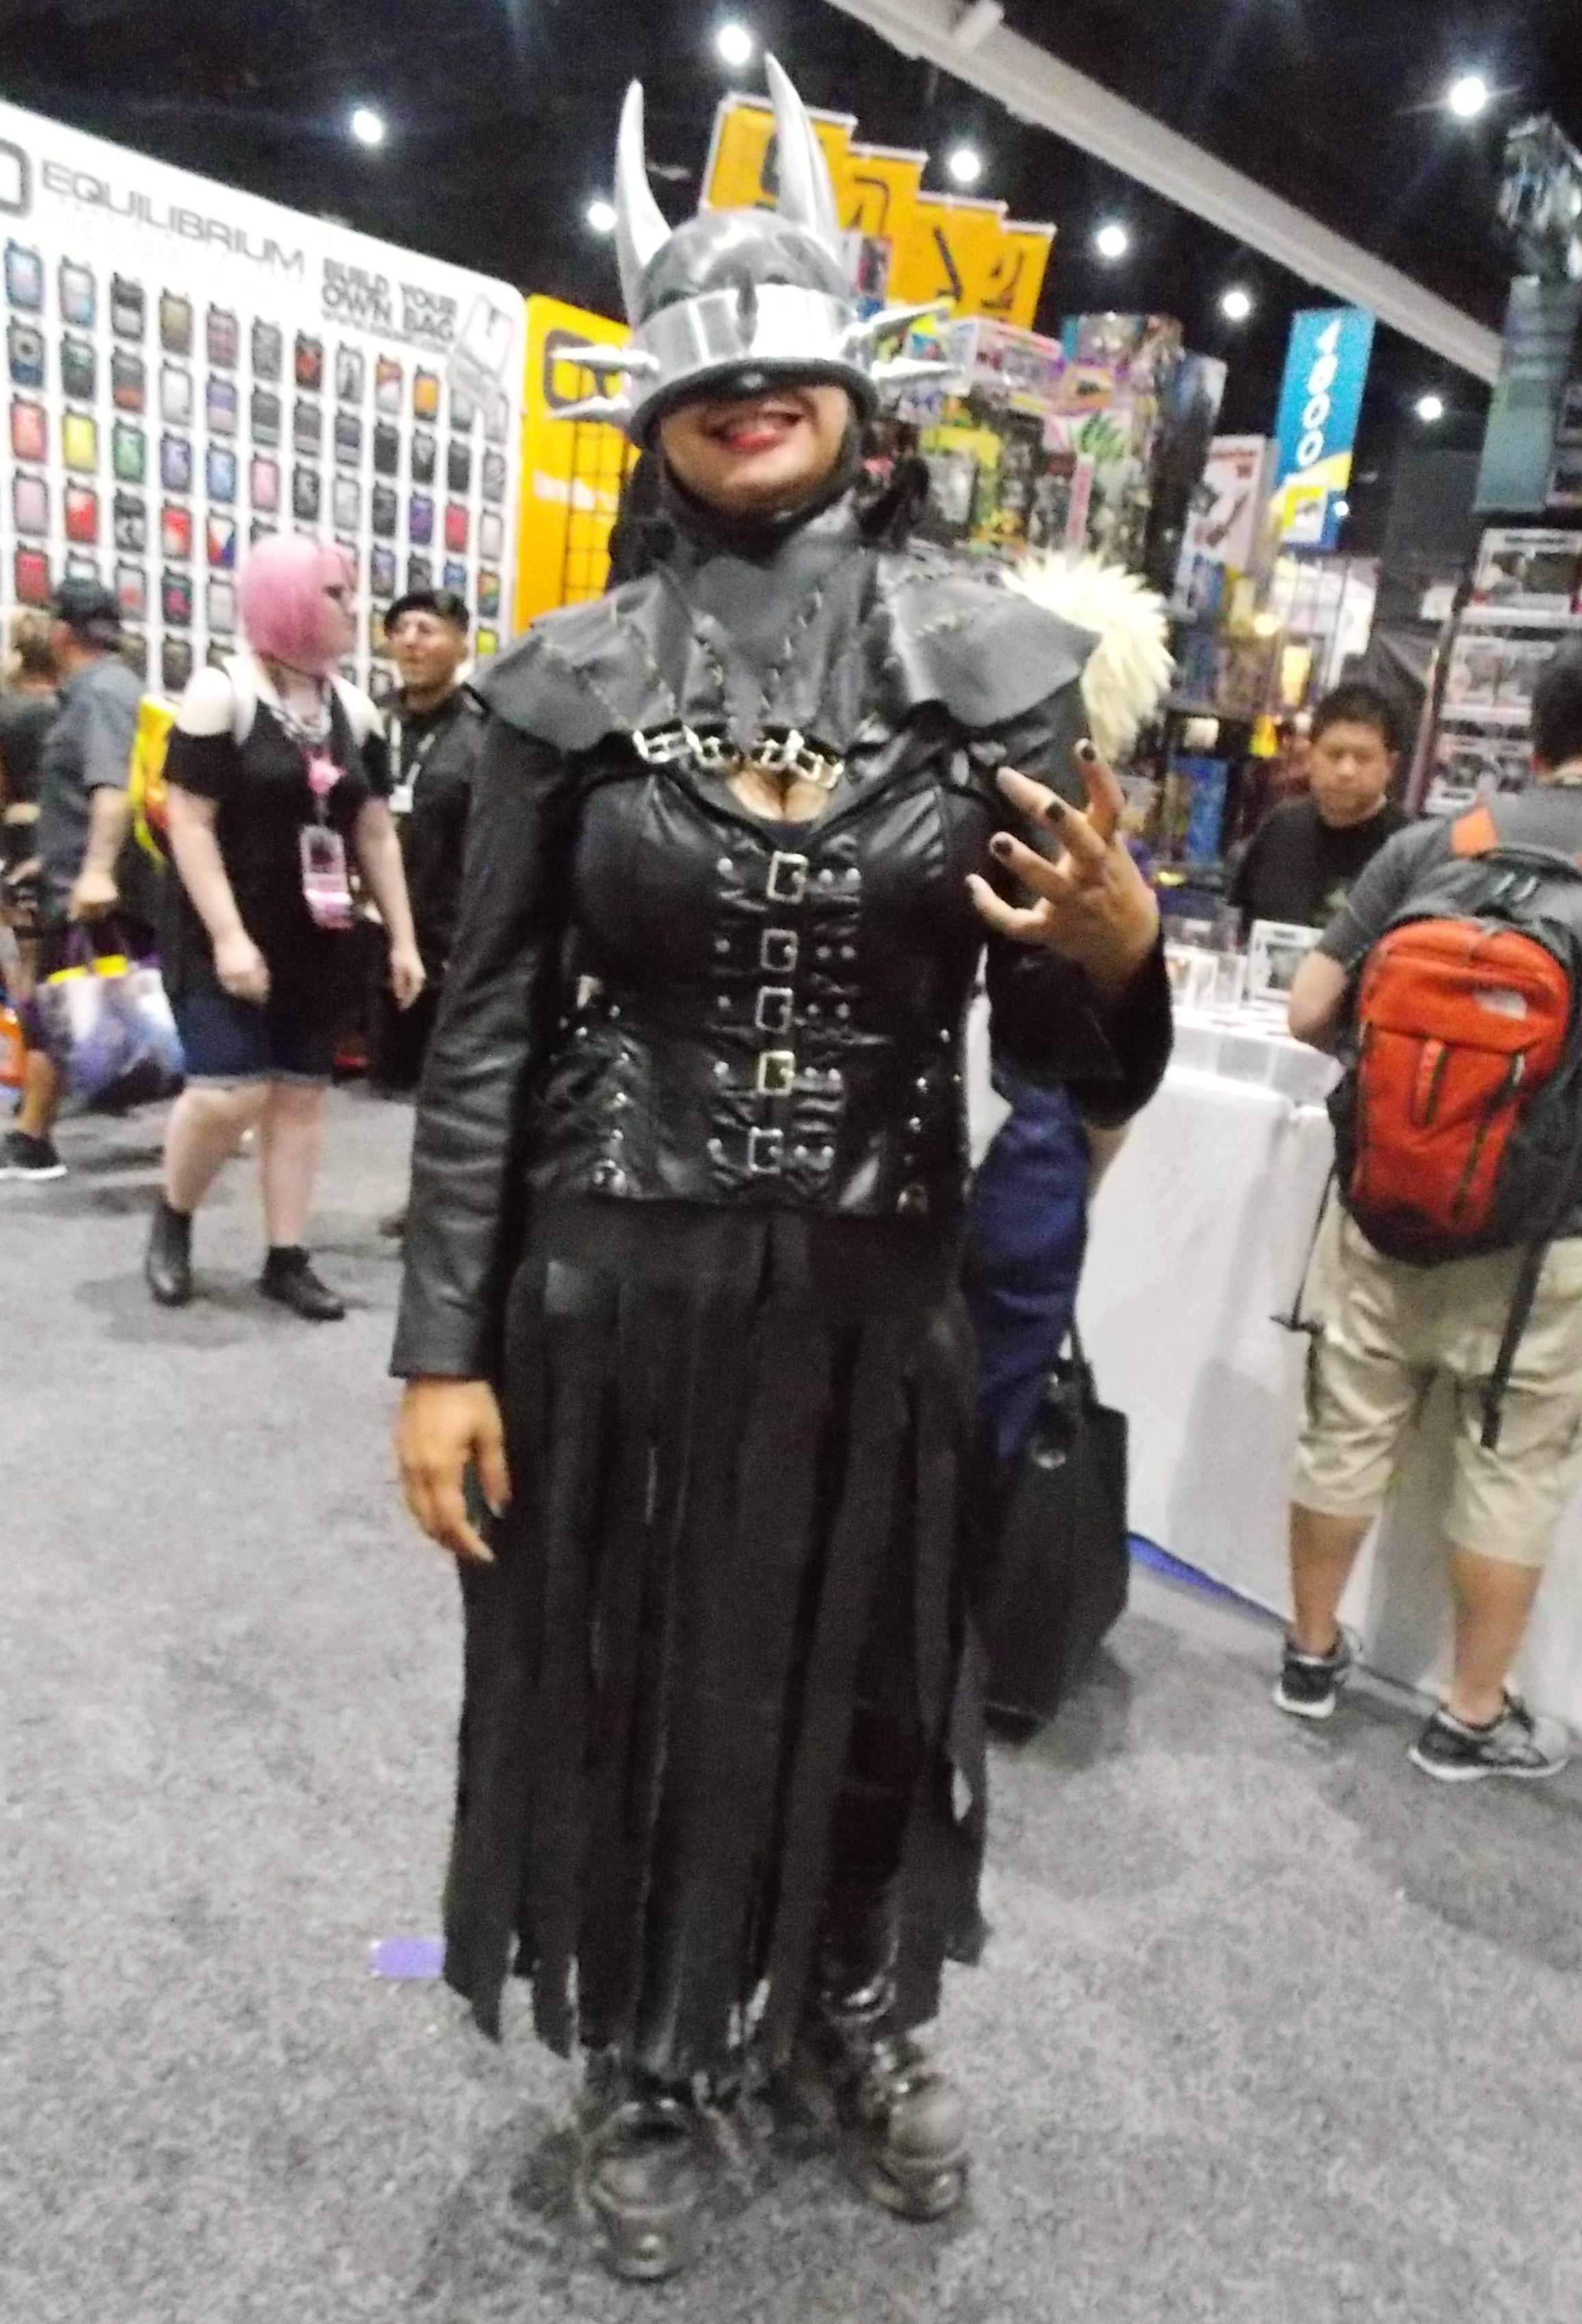 Rule 63 Batman Who Laughs